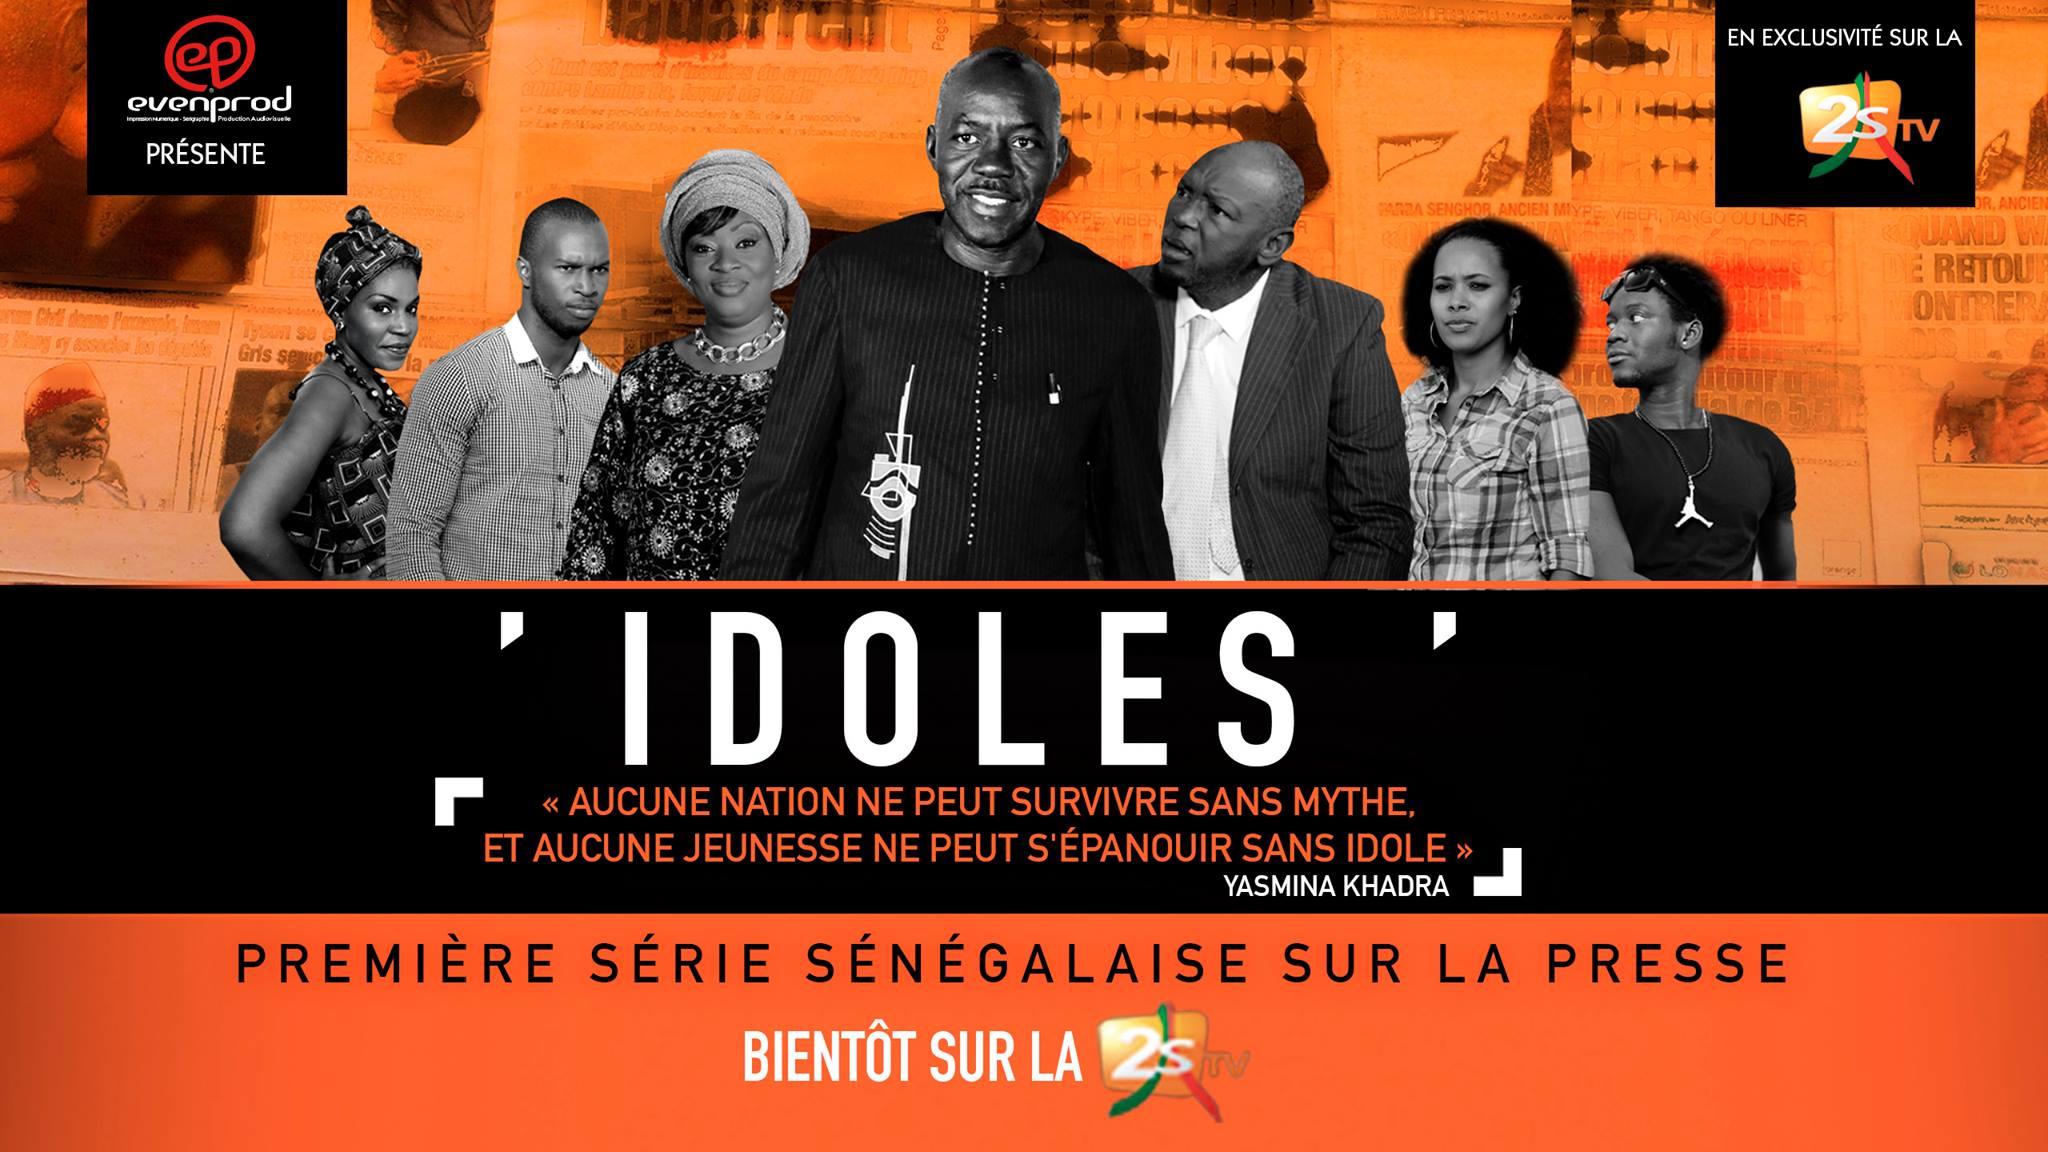 Idoles, meilleure série sénégalaise